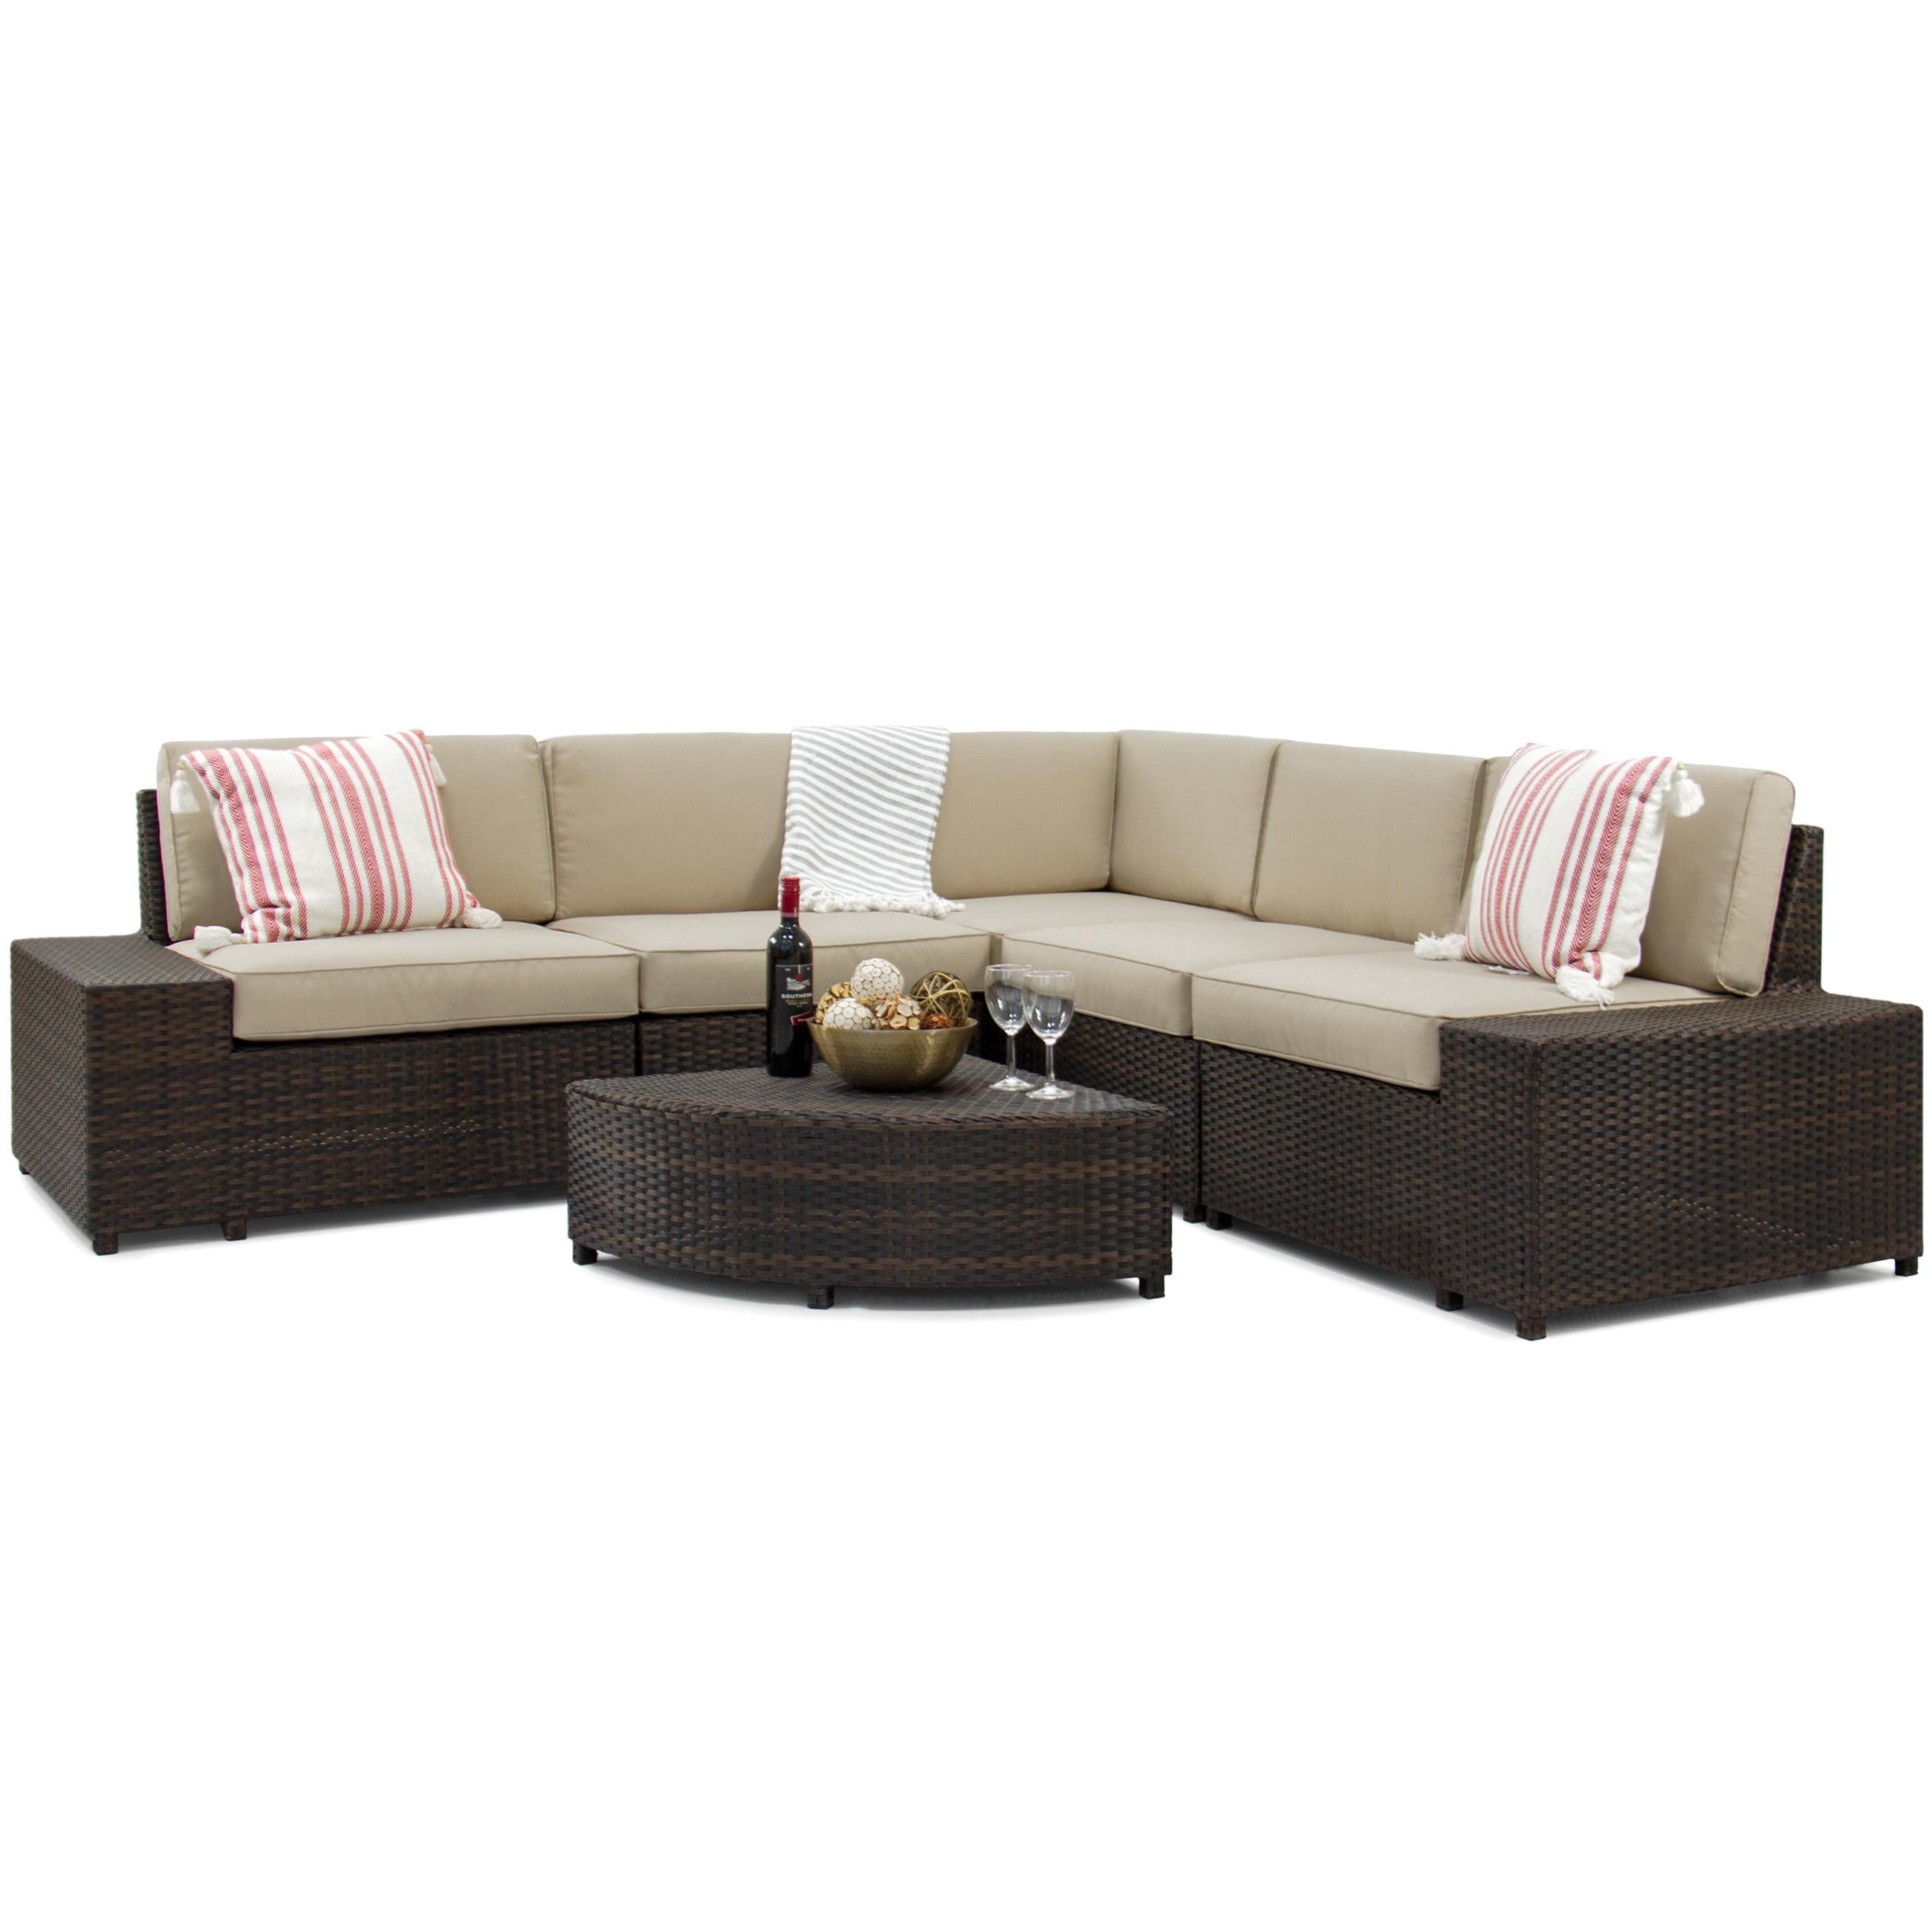 Outdoor Sofas U0026 Outdoor Sectionals   Walmart.com